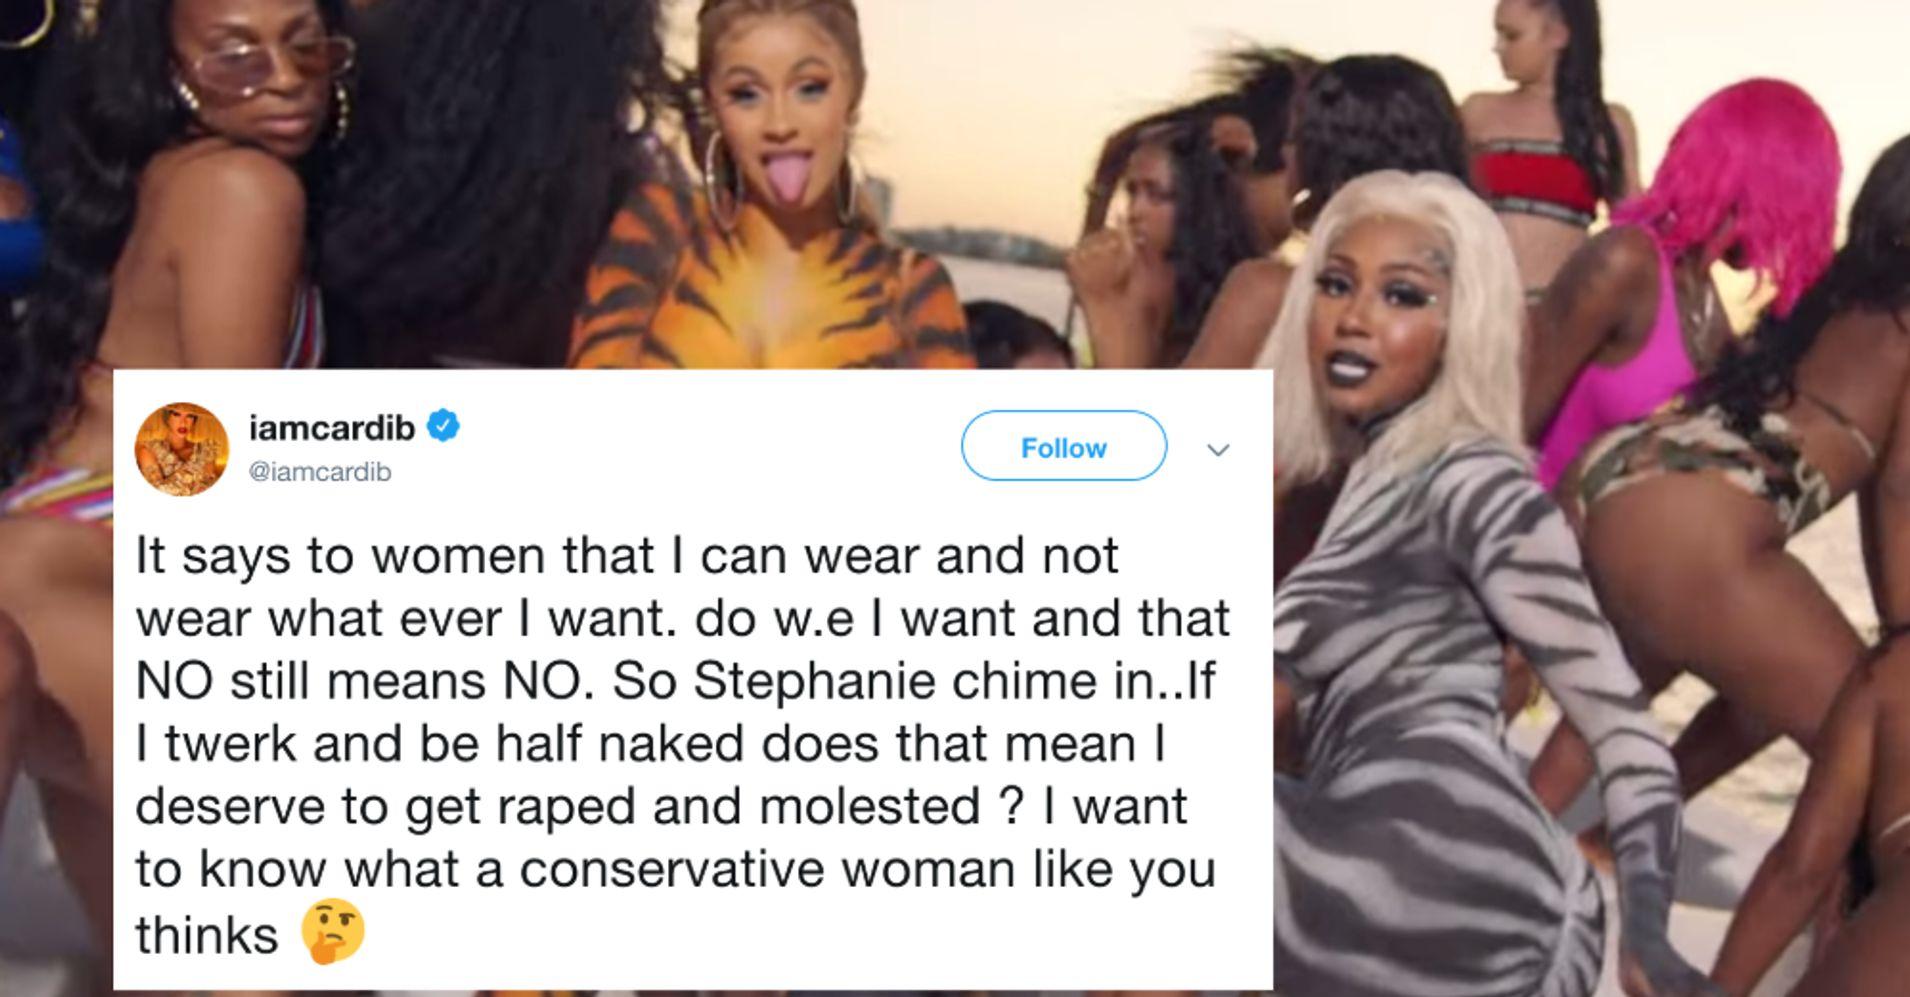 483b0f86433 Cardi B Slams Conservative Who Slut-Shamed Rapper's 'Twerk' Video: 'NO  Still Means NO' | HuffPost